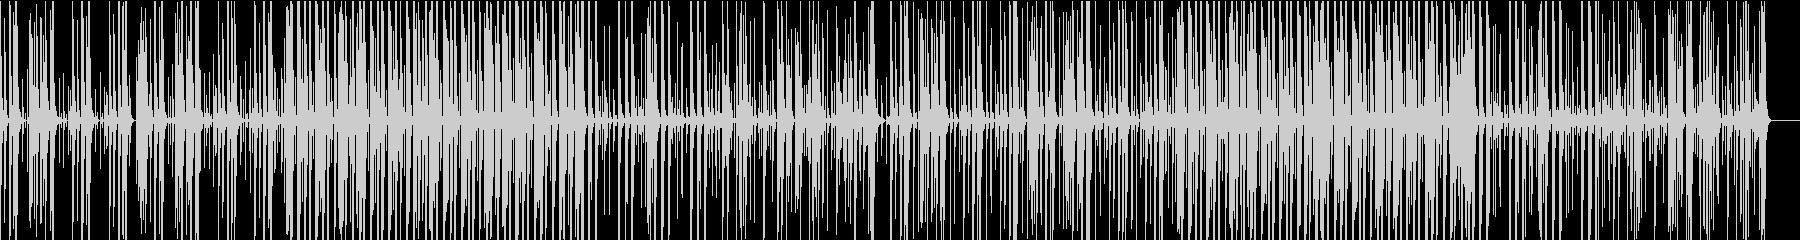 ほのぼのした雰囲気のマリンバの未再生の波形